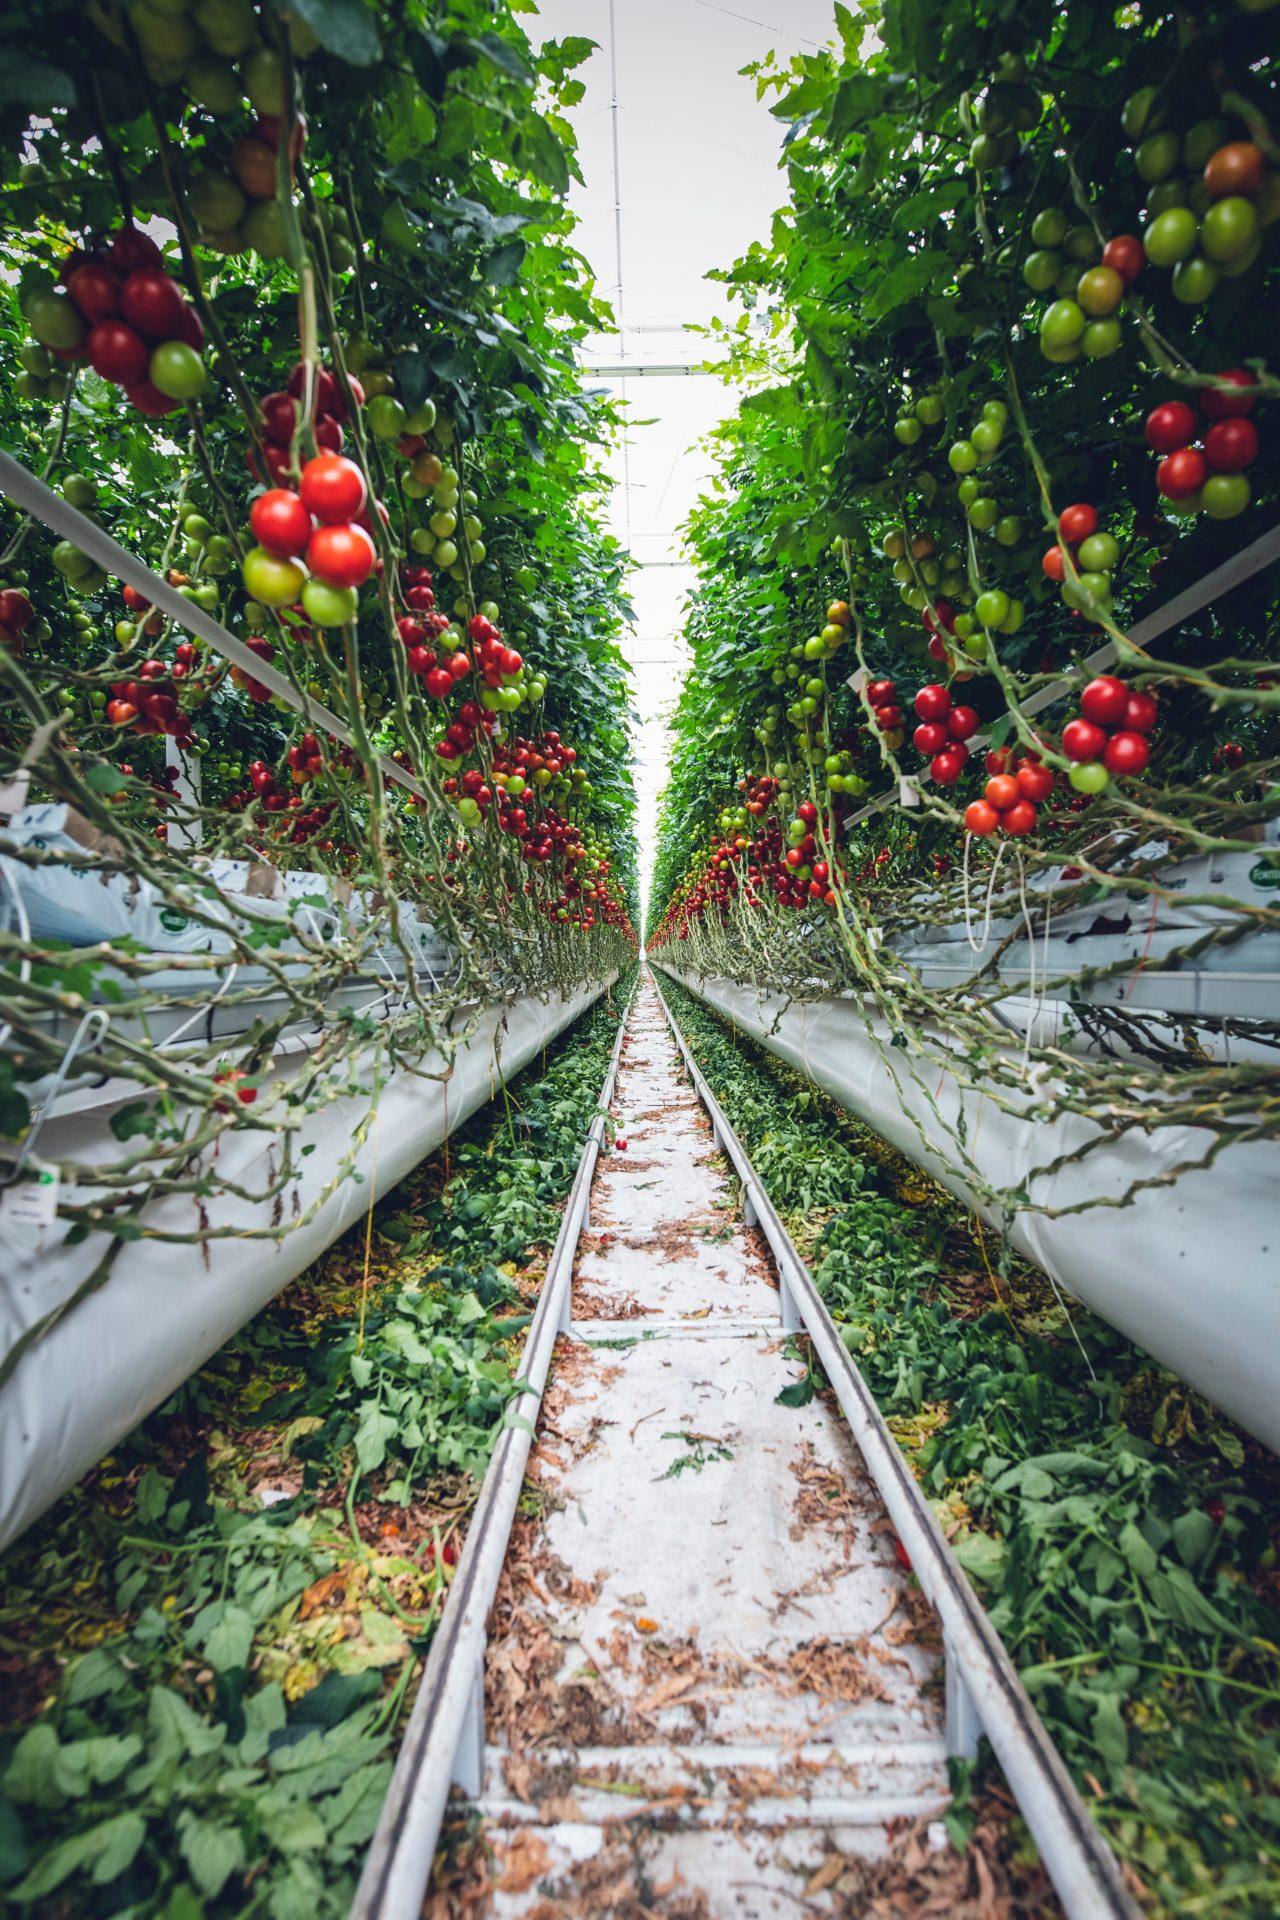 vertical tomato farm